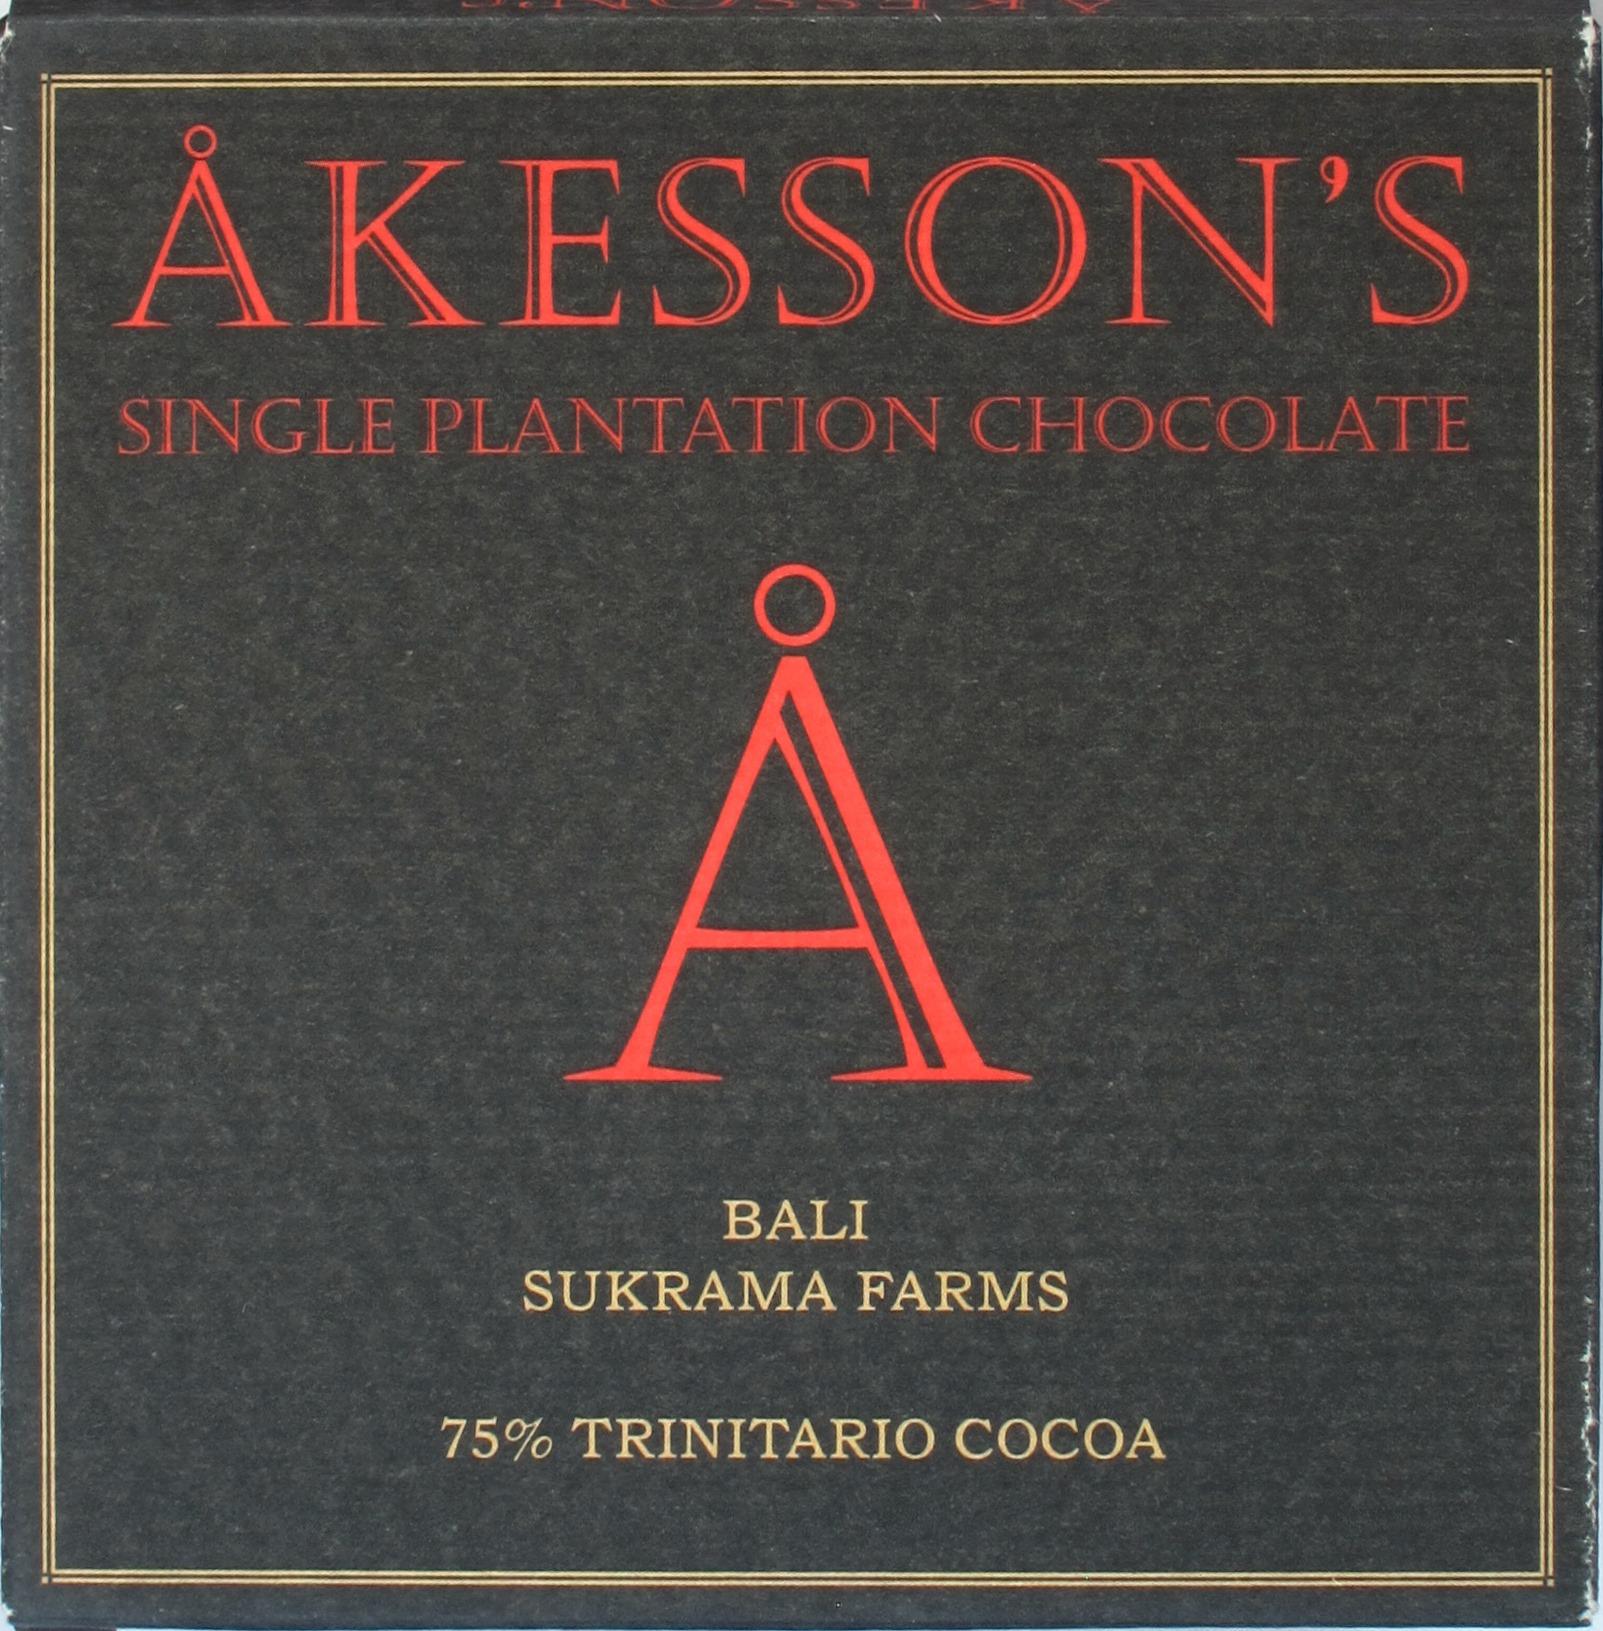 Åkesson Bali Sukrama Farms 75% Trinitario